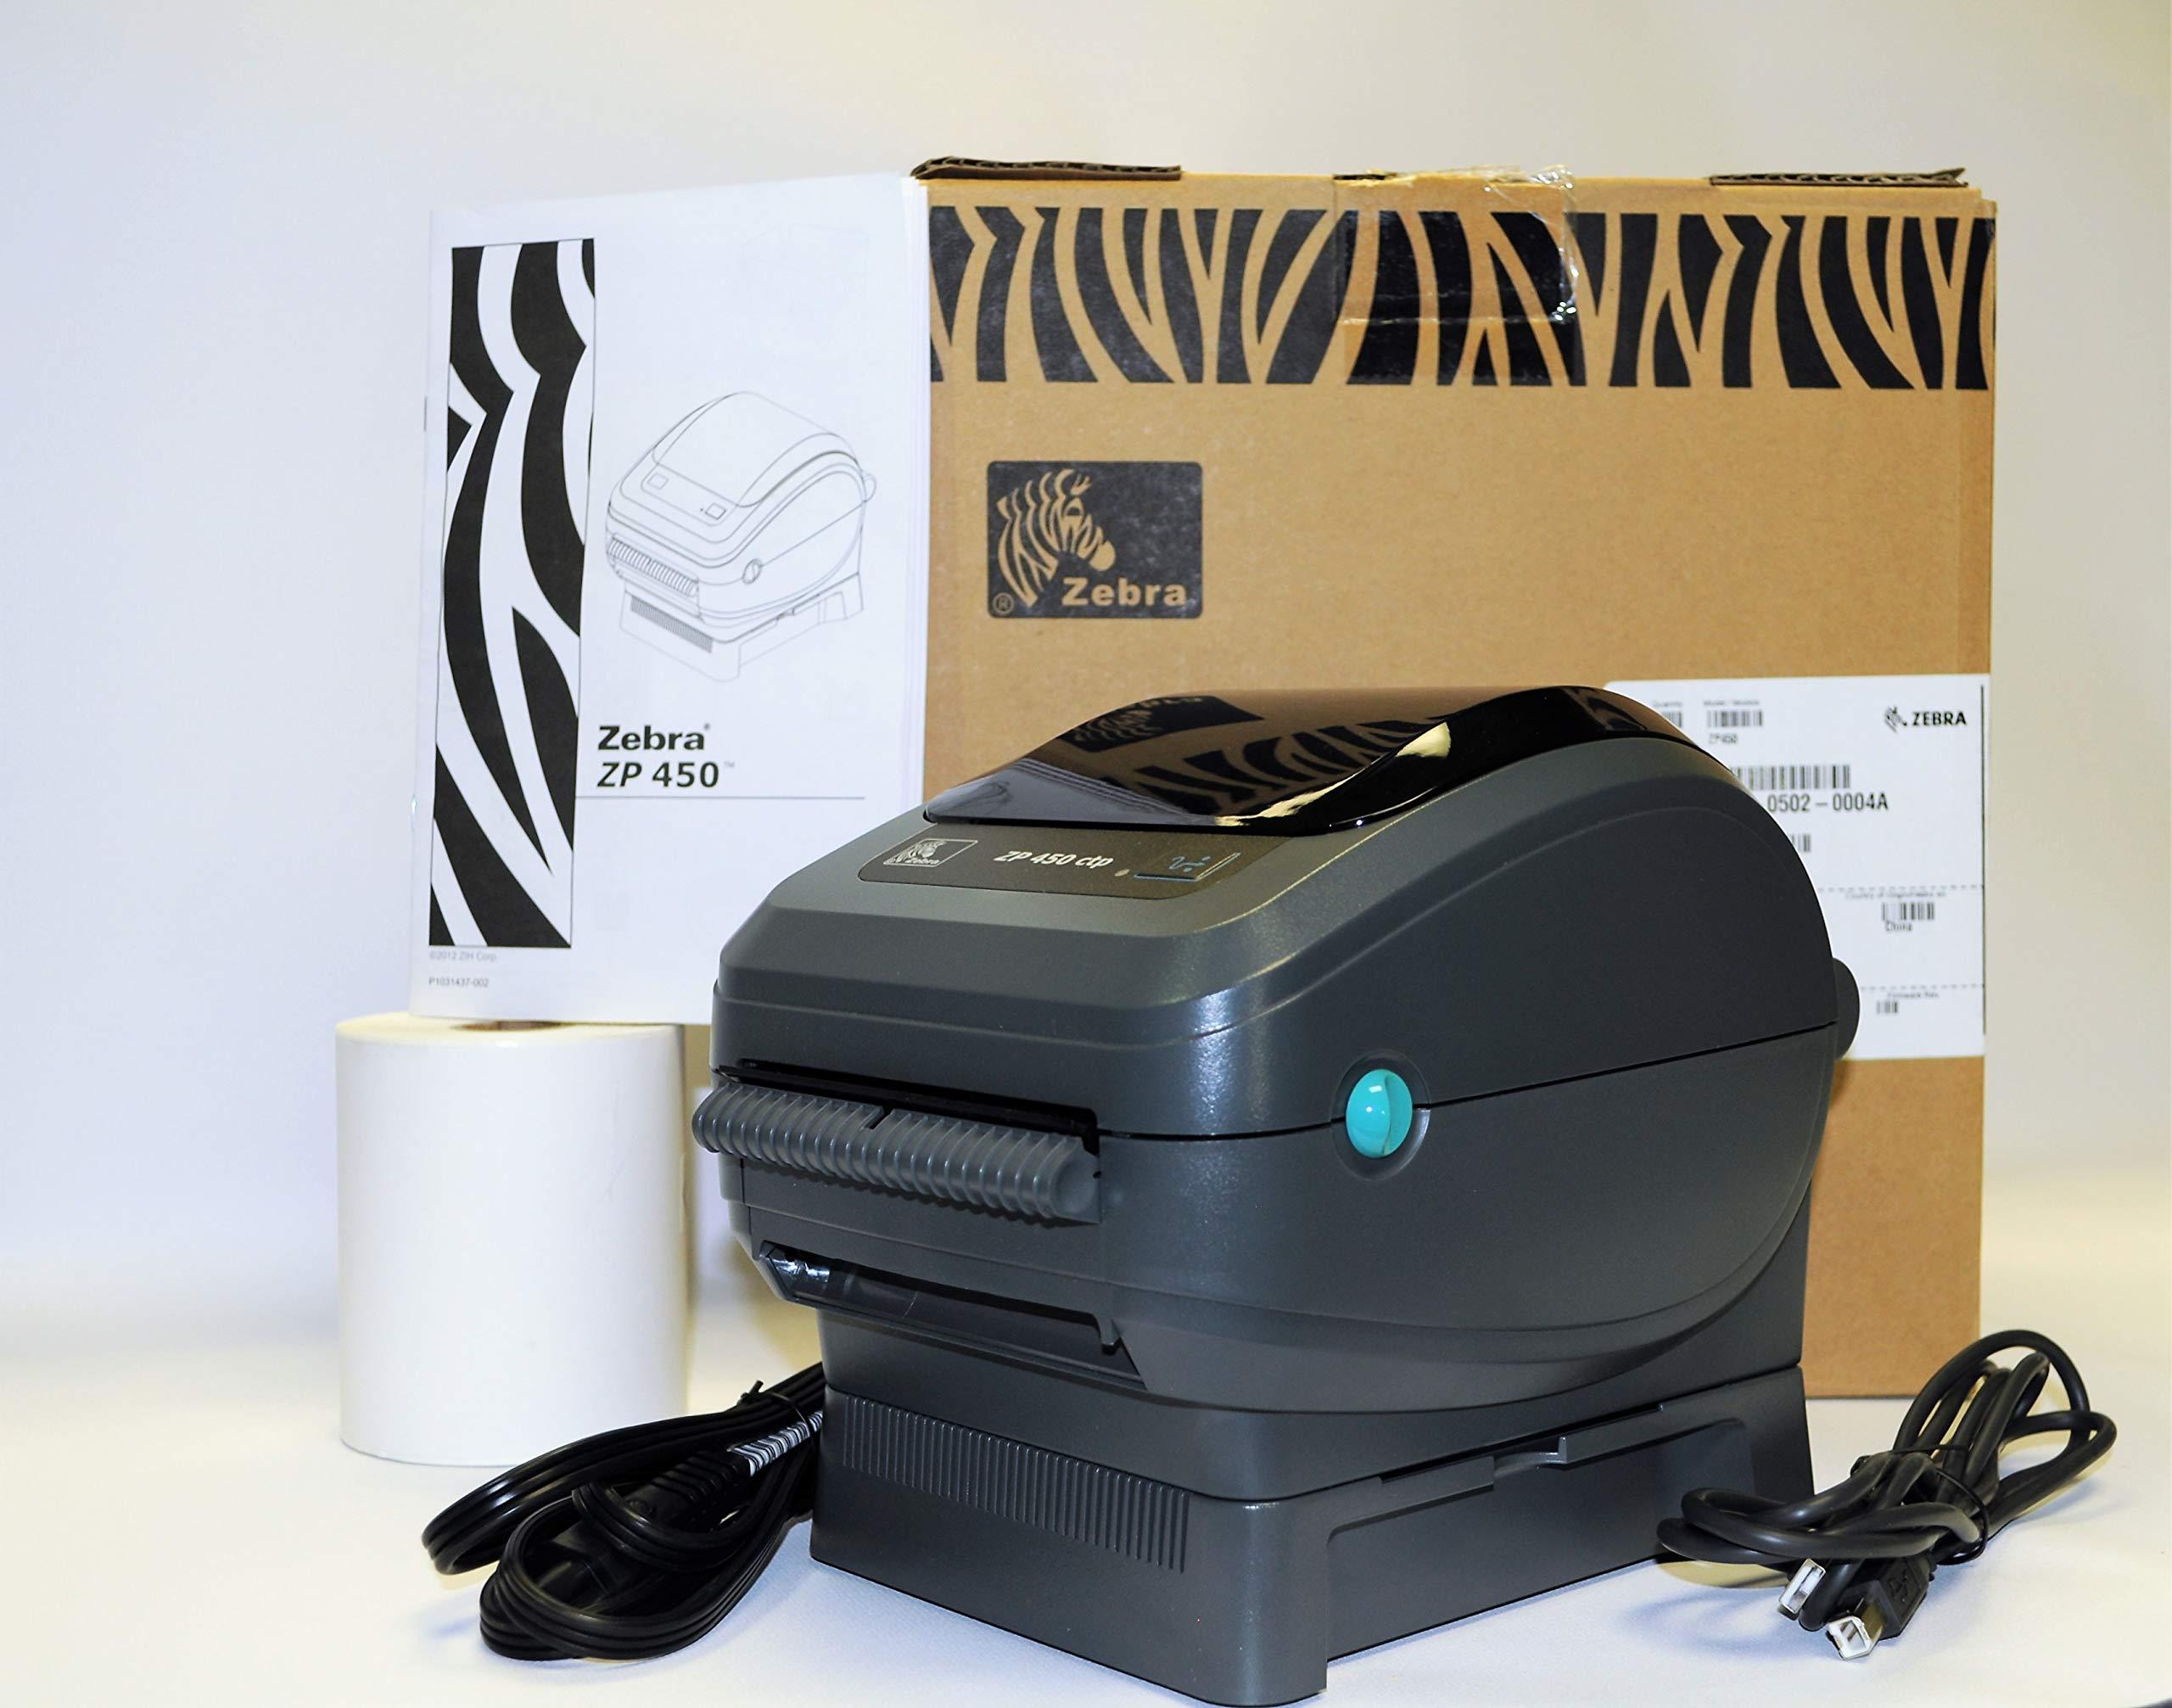 Zebra ZP450-0502-0004 UPS CTP Label Thermal Printer